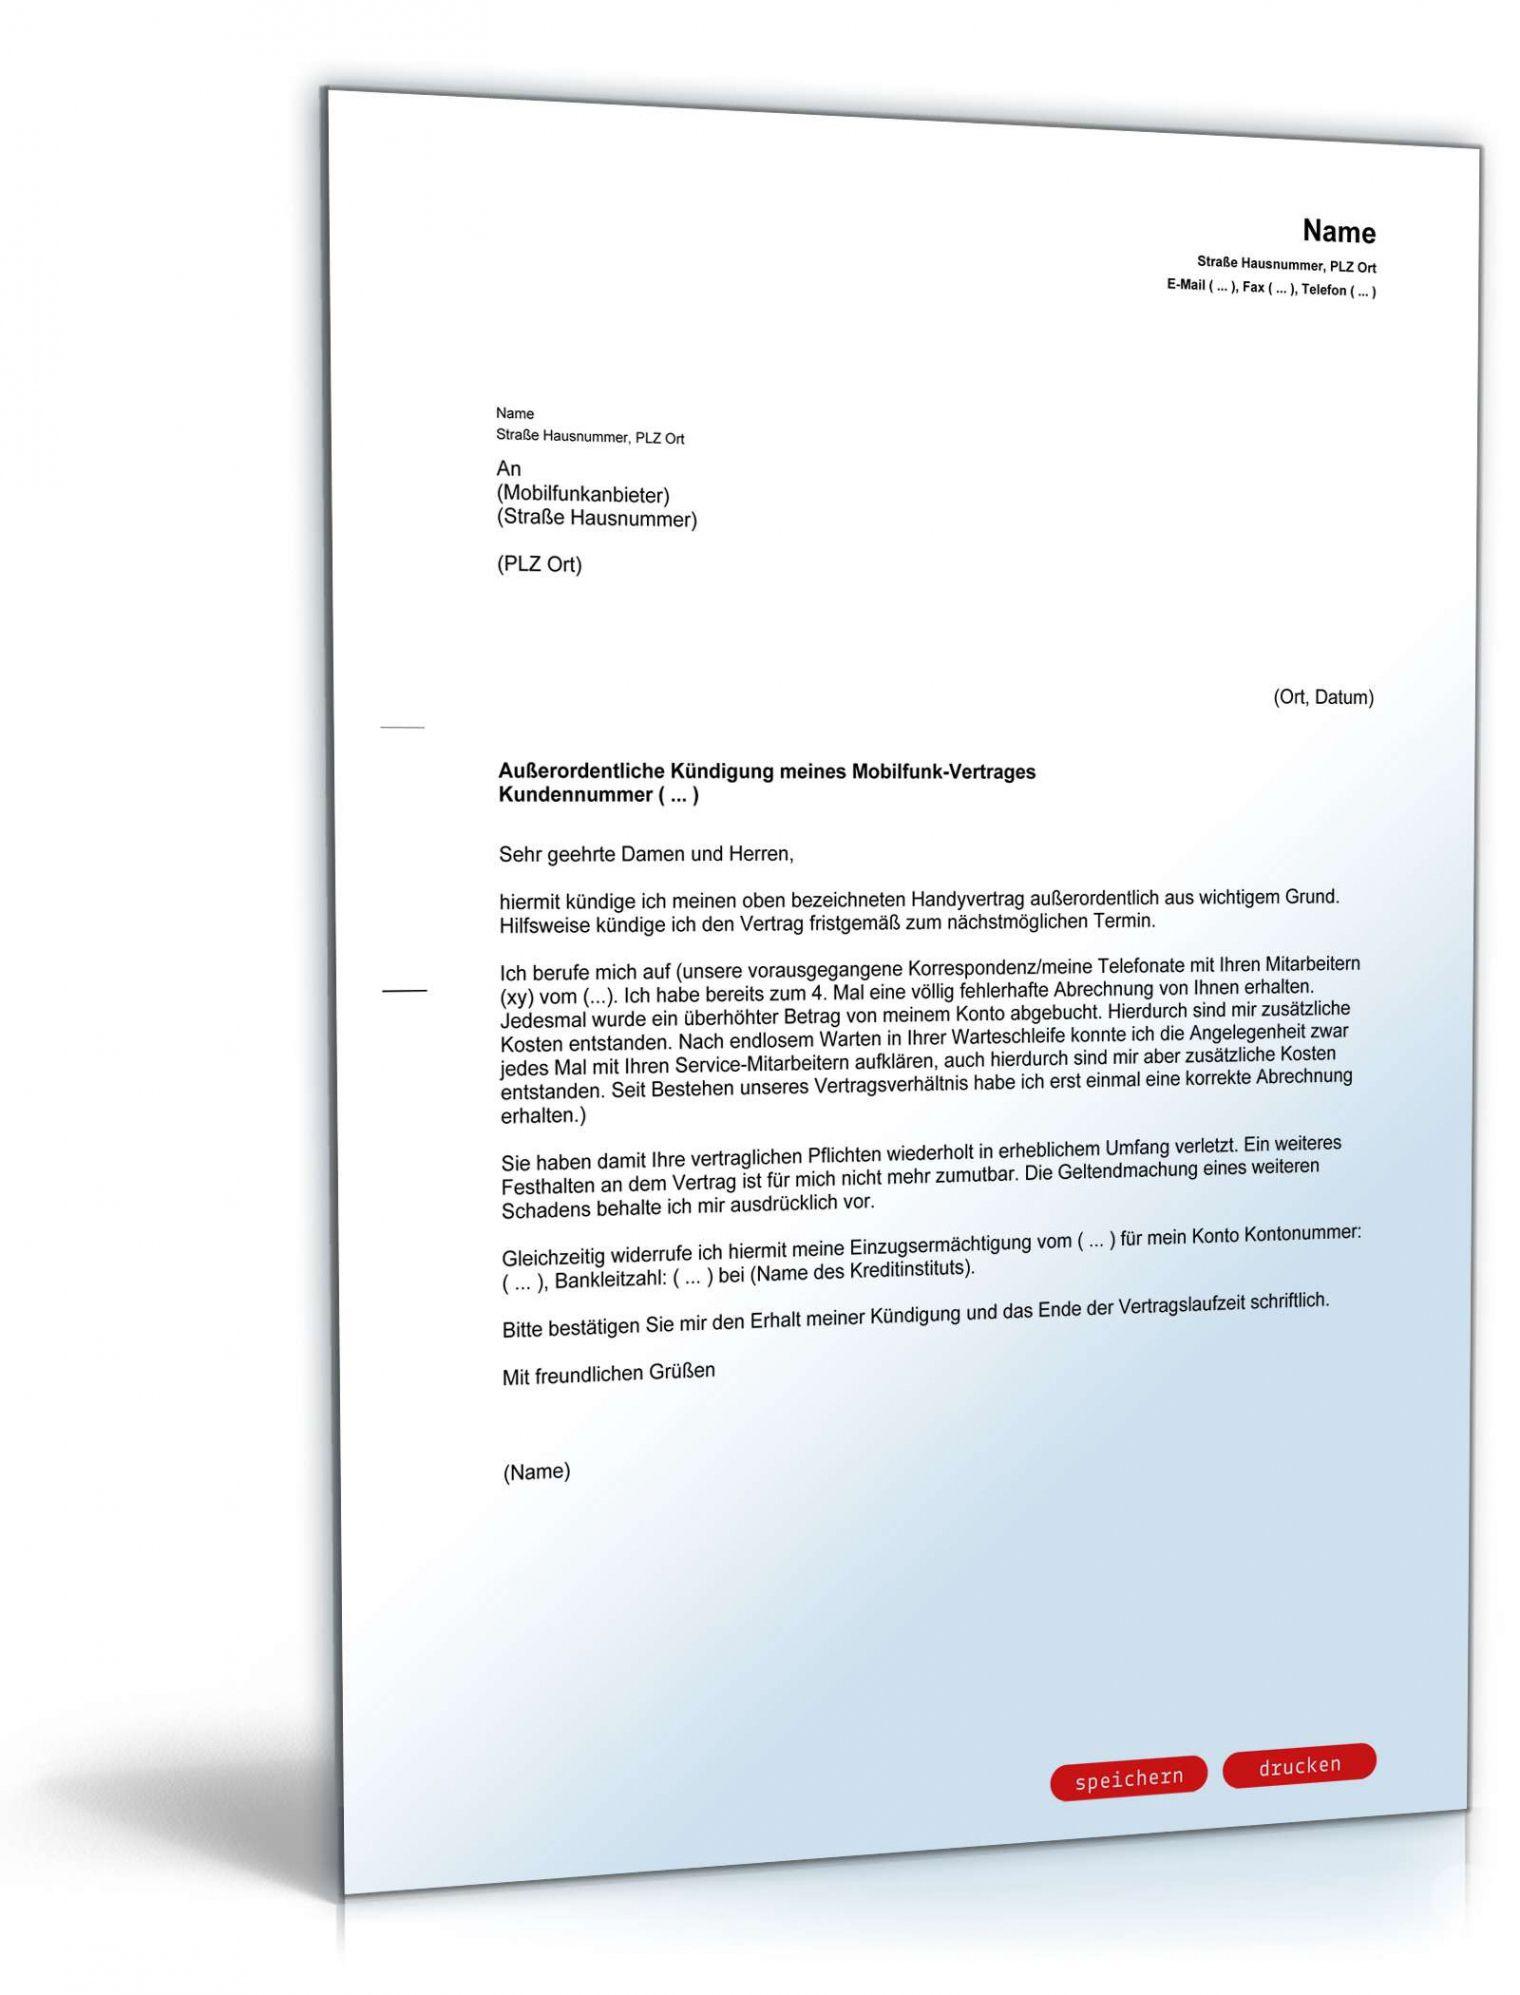 Durchsuche Unsere Das Image Von Sonderkundigung Handyvertrag Vorlage In 2021 Jobcenter Vorlagen Lebenslauf Vorlagen